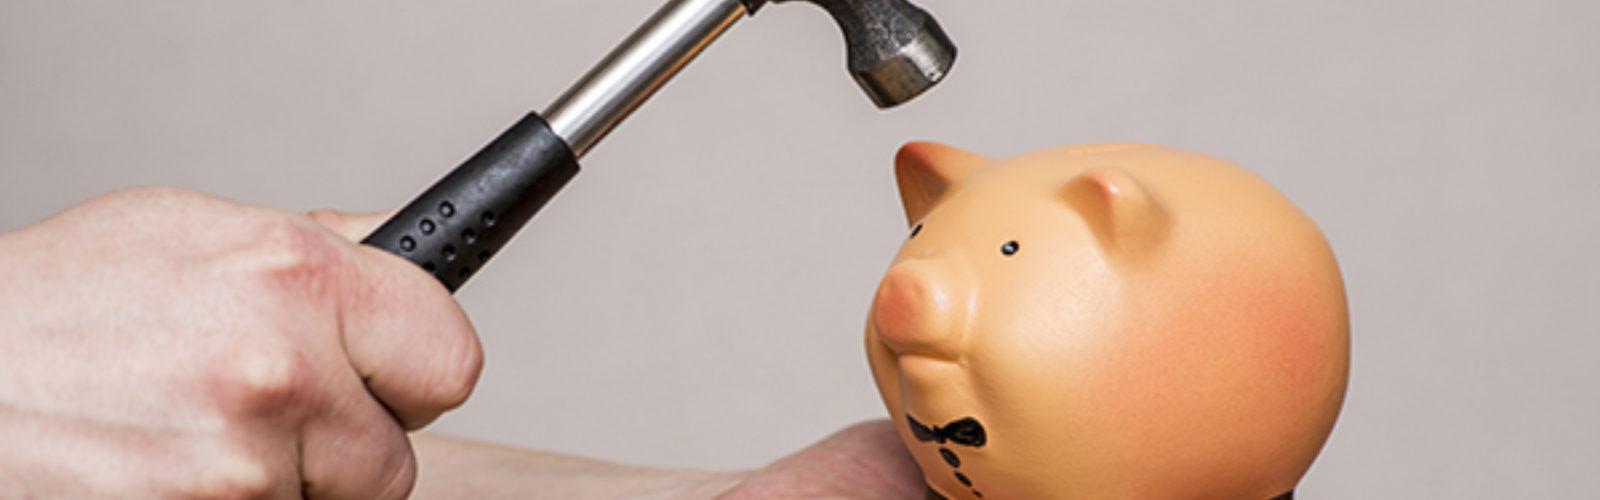 Hammer on a piggy bank (bs390105508)_.jpg